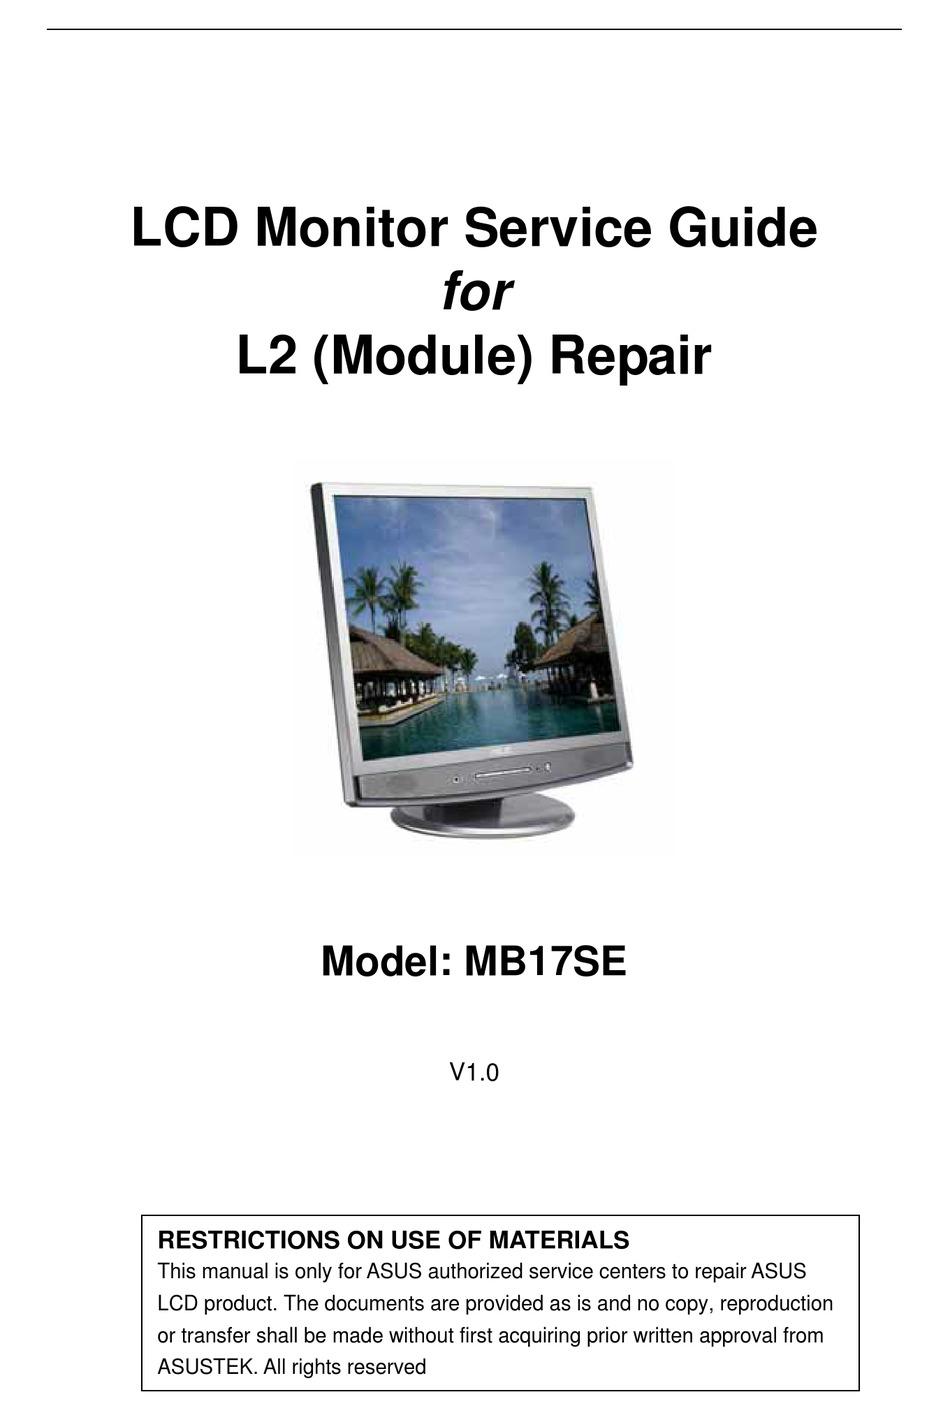 Asus Vb171 Repair Service Manual User EBook @ 9.noemiarnold.com